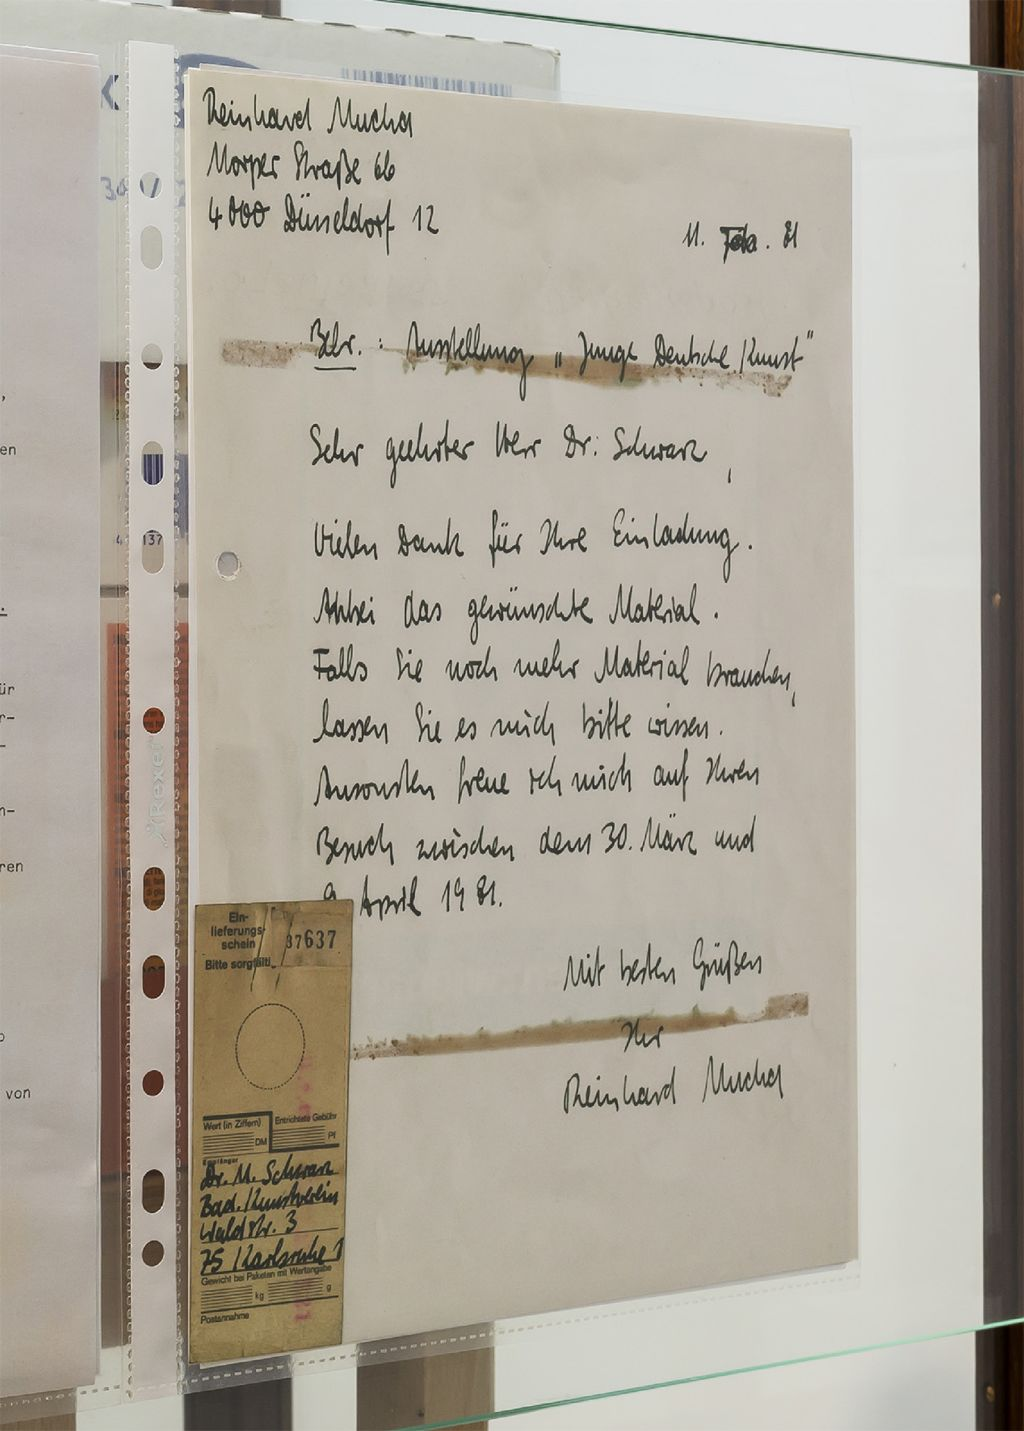 Reinhard Mucha – Mucha Unnötig – Das Ende vom Lied – Berlin